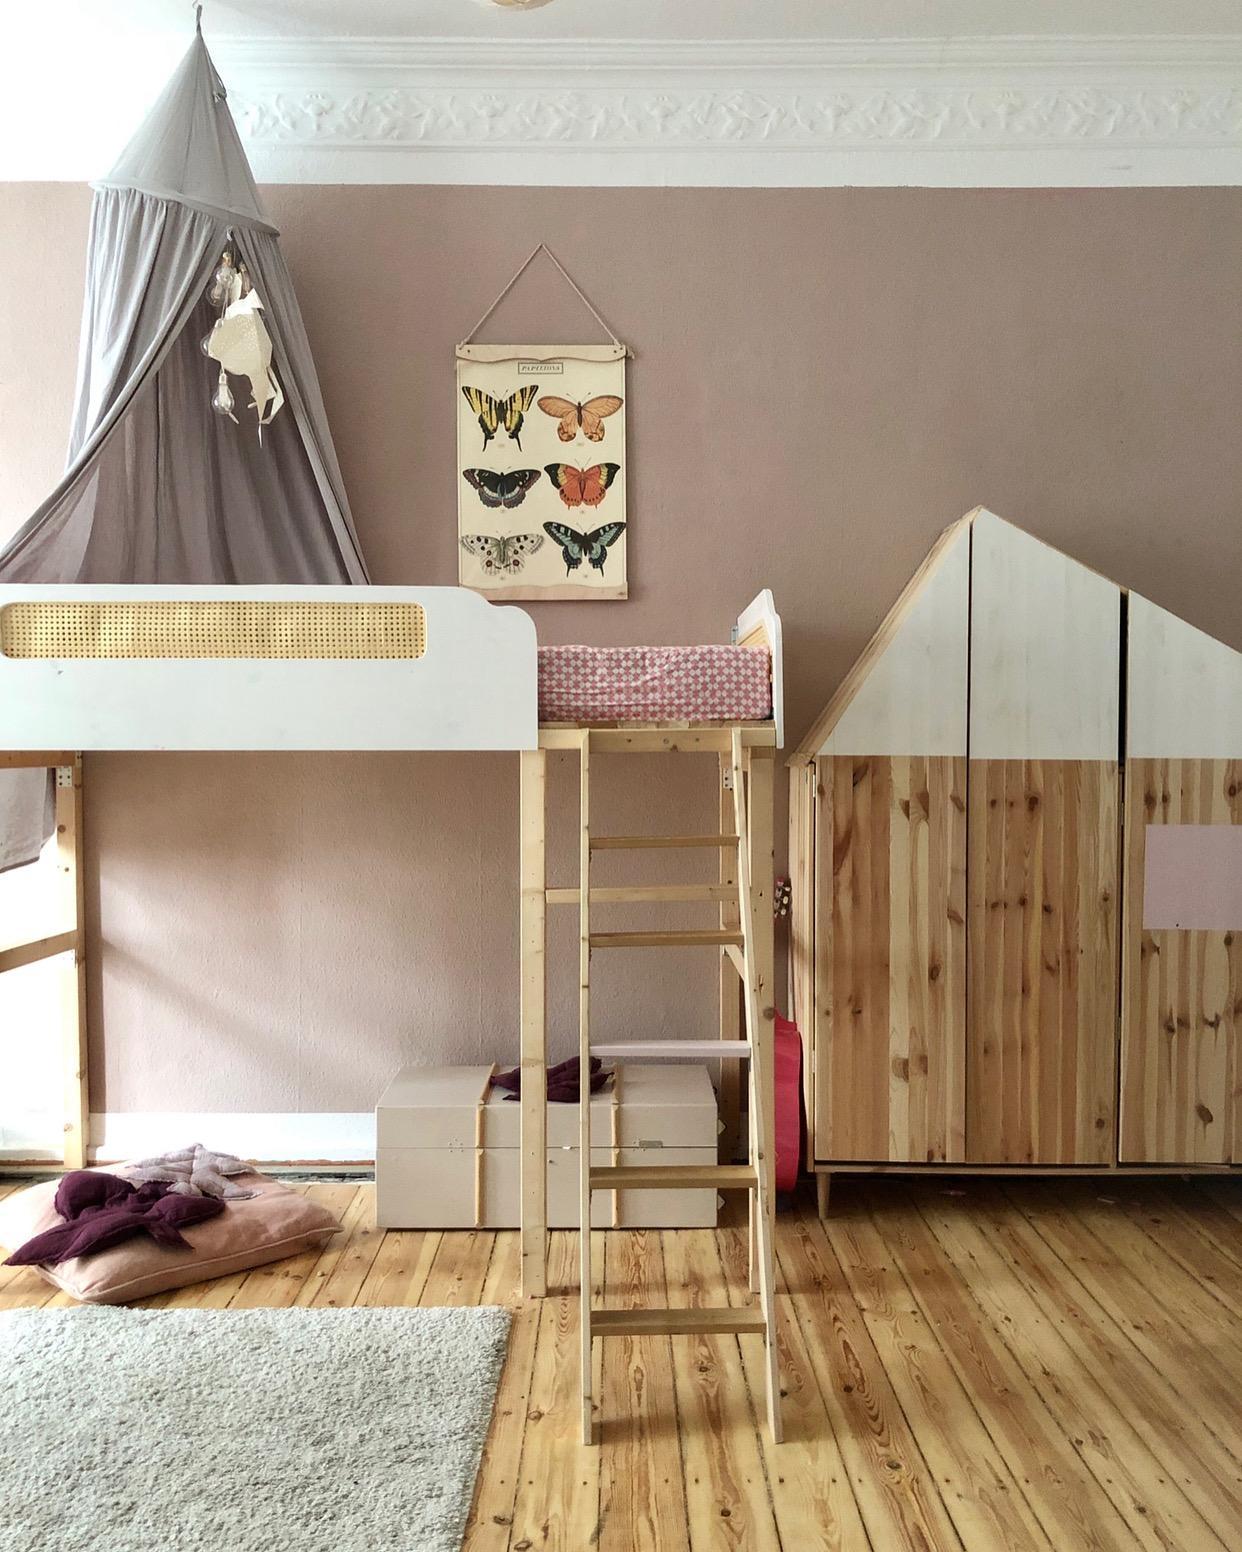 Full Size of Hochbetten Platzsparend Und Trotzdem Schn Regale Kinderzimmer Regal Weiß Sofa Kinderzimmer Kinderzimmer Hochbett